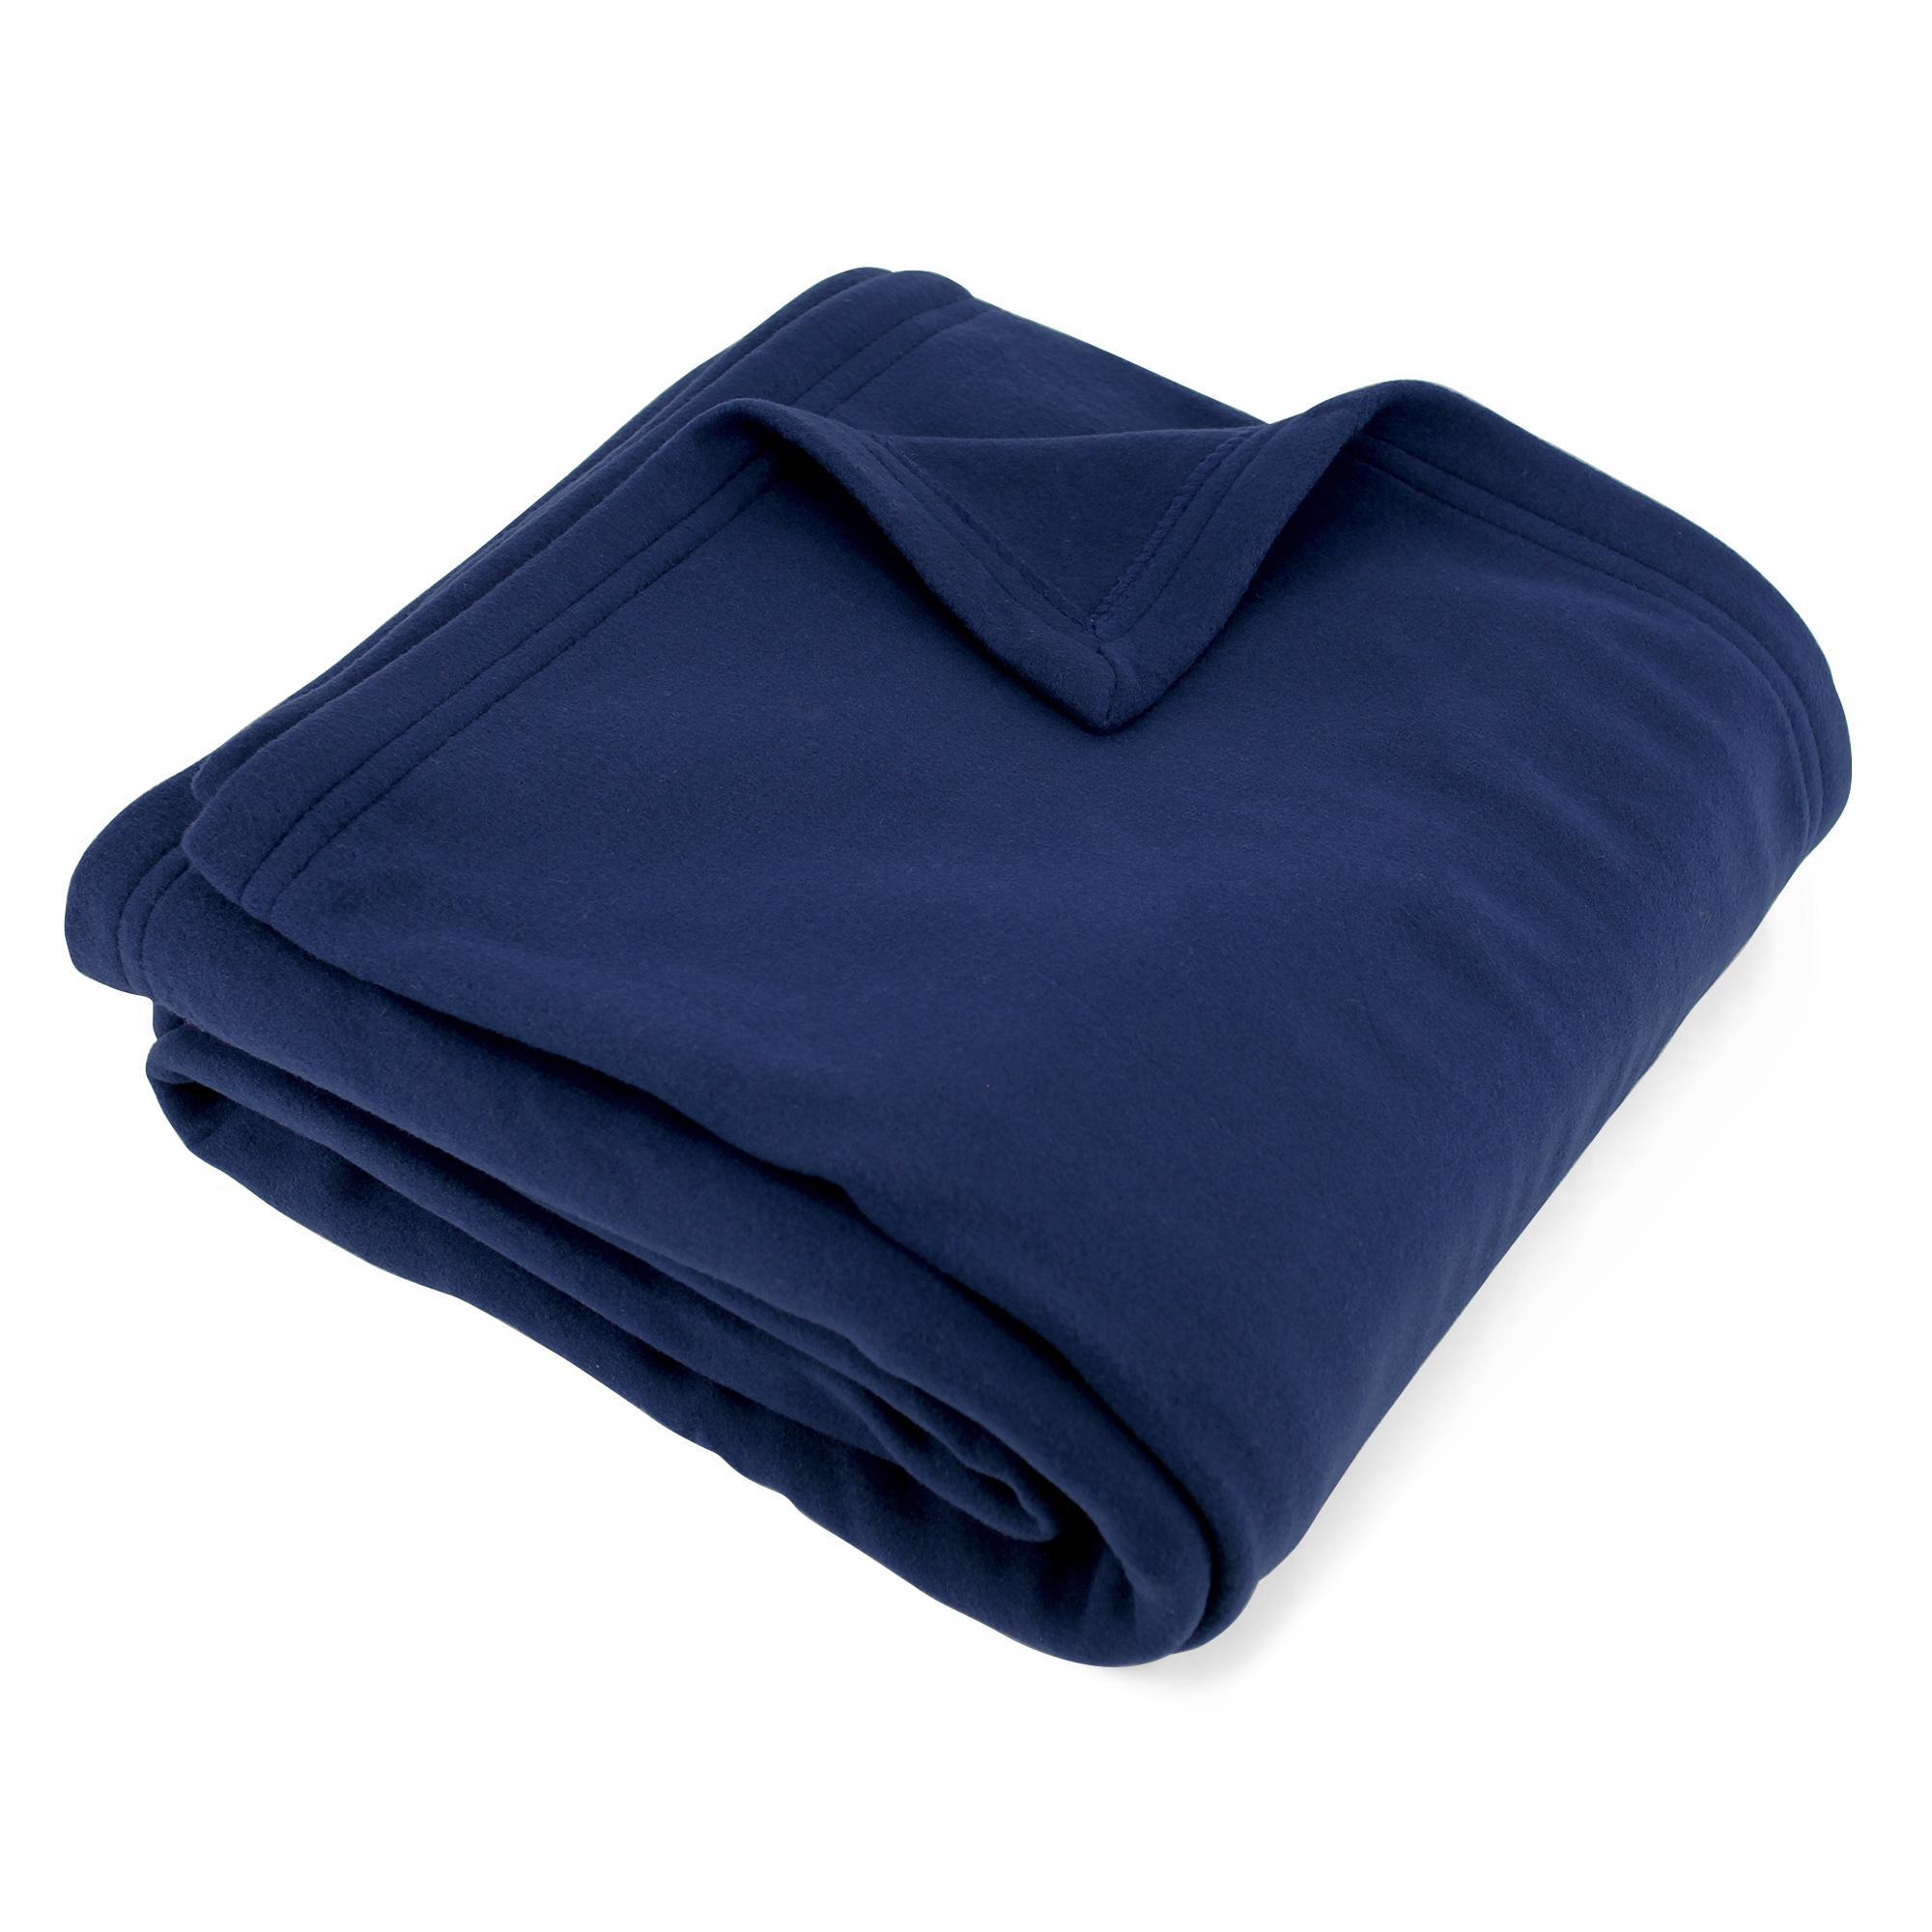 couverture polaire polyester 220x240 cm teddy marine linnea linge de maison et. Black Bedroom Furniture Sets. Home Design Ideas